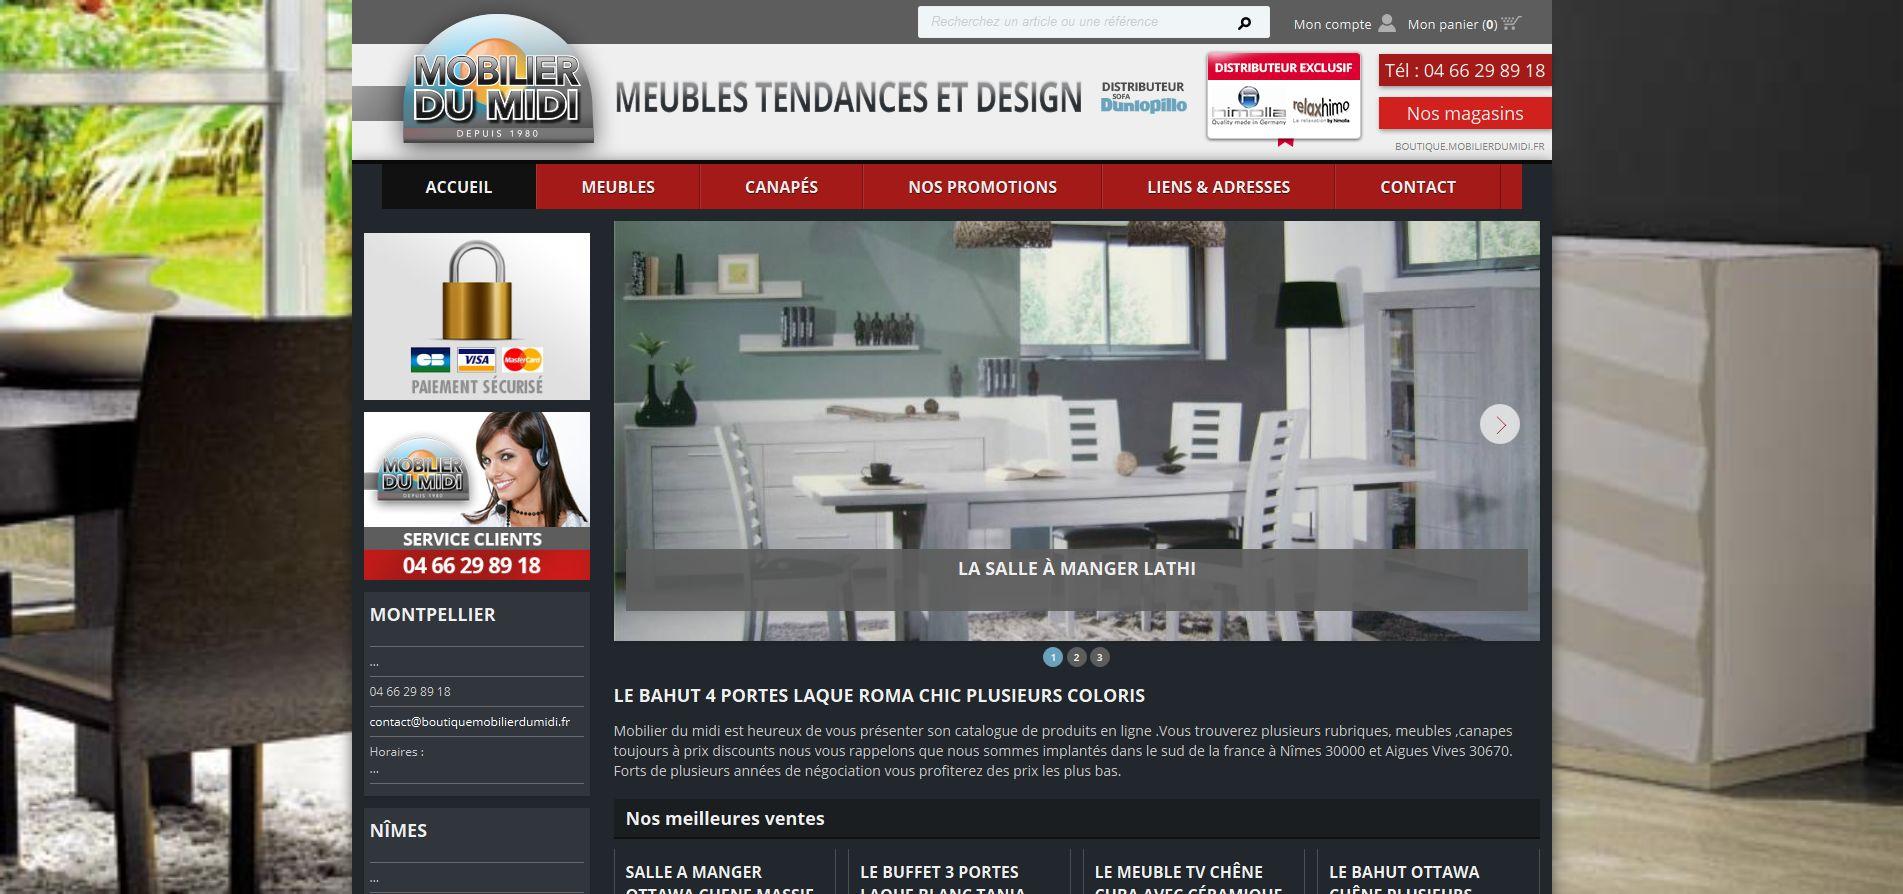 Vente en ligne de meubles bas prix mobilier du midi r alisations agence d - Vente de meuble en ligne ...